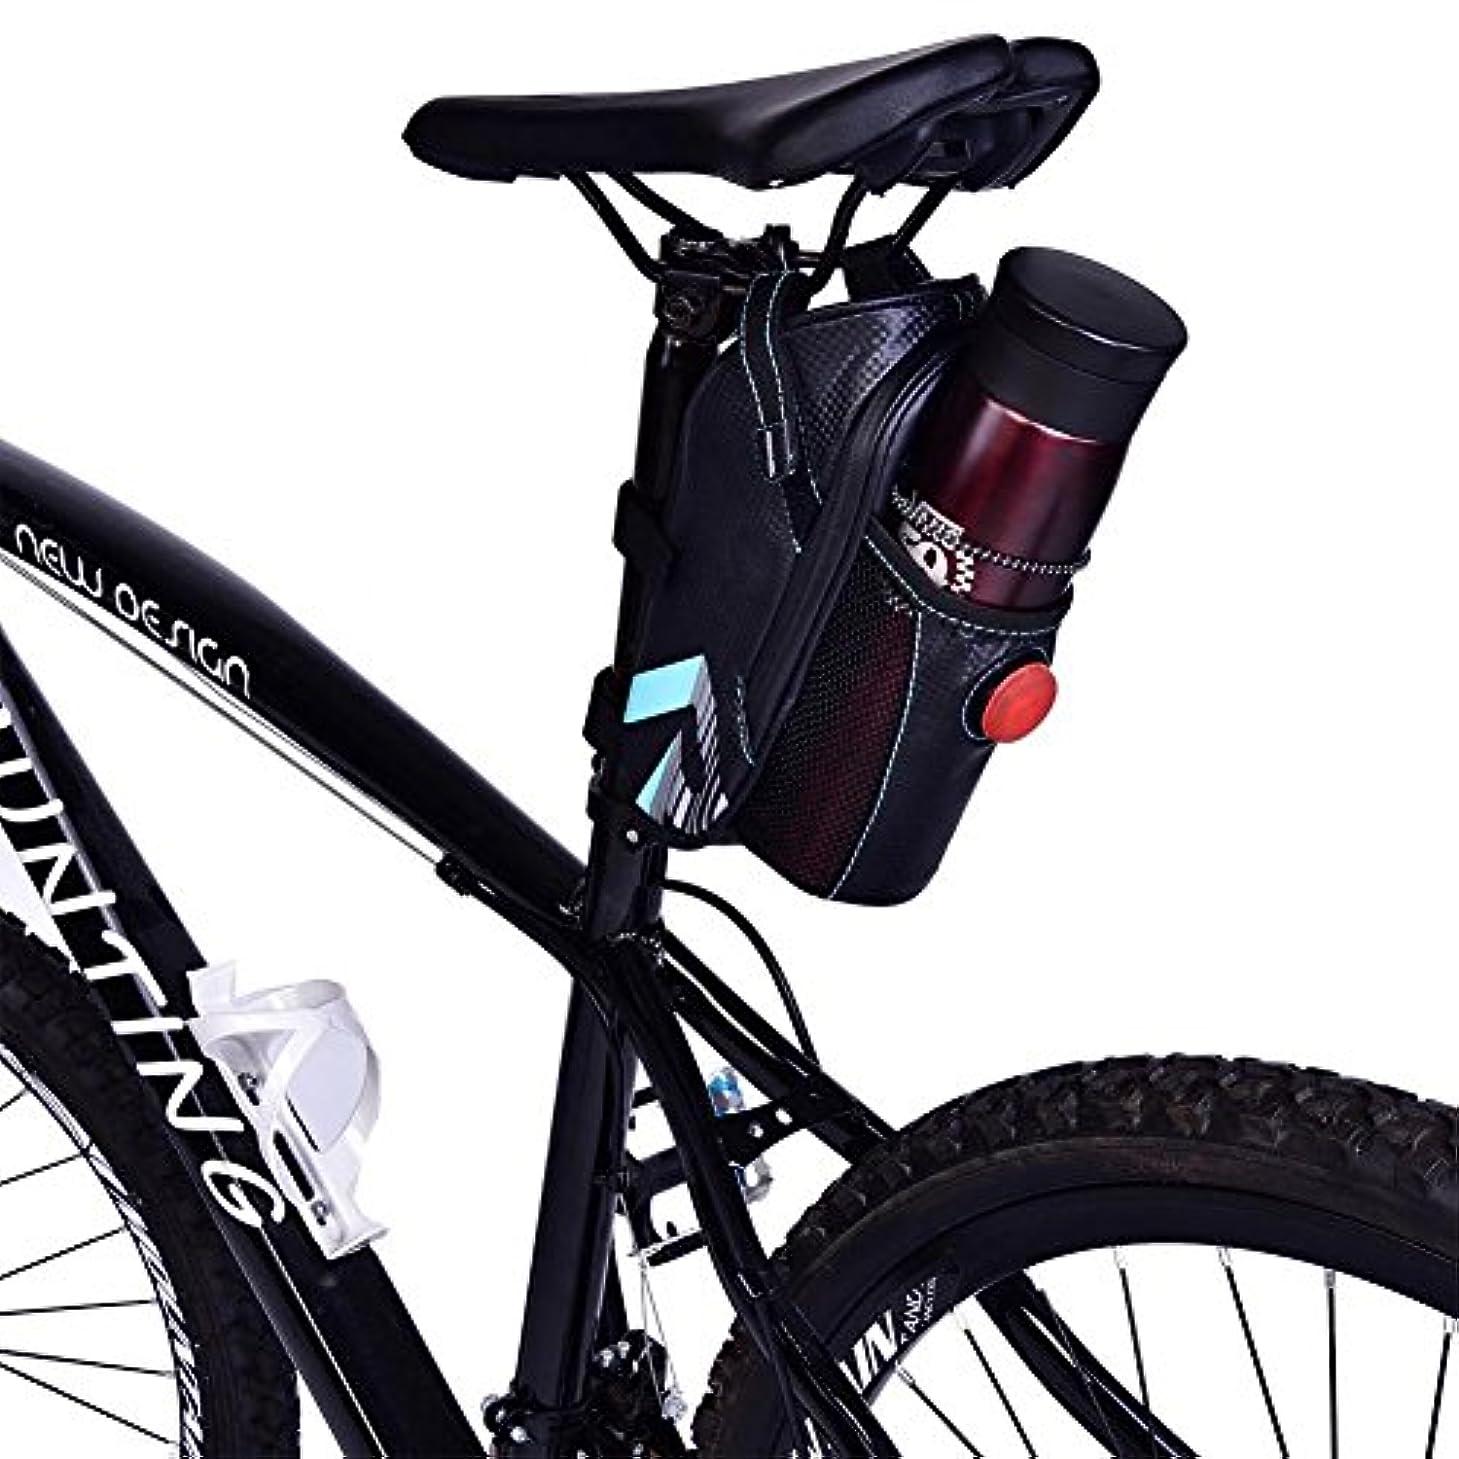 高層ビルウール変更ROSWHEE自転車のサドルバッグ防水自転車サドルシートバッグのパックの下に添付警告安全テールライトとストレージウォーターボトルポケットブラック